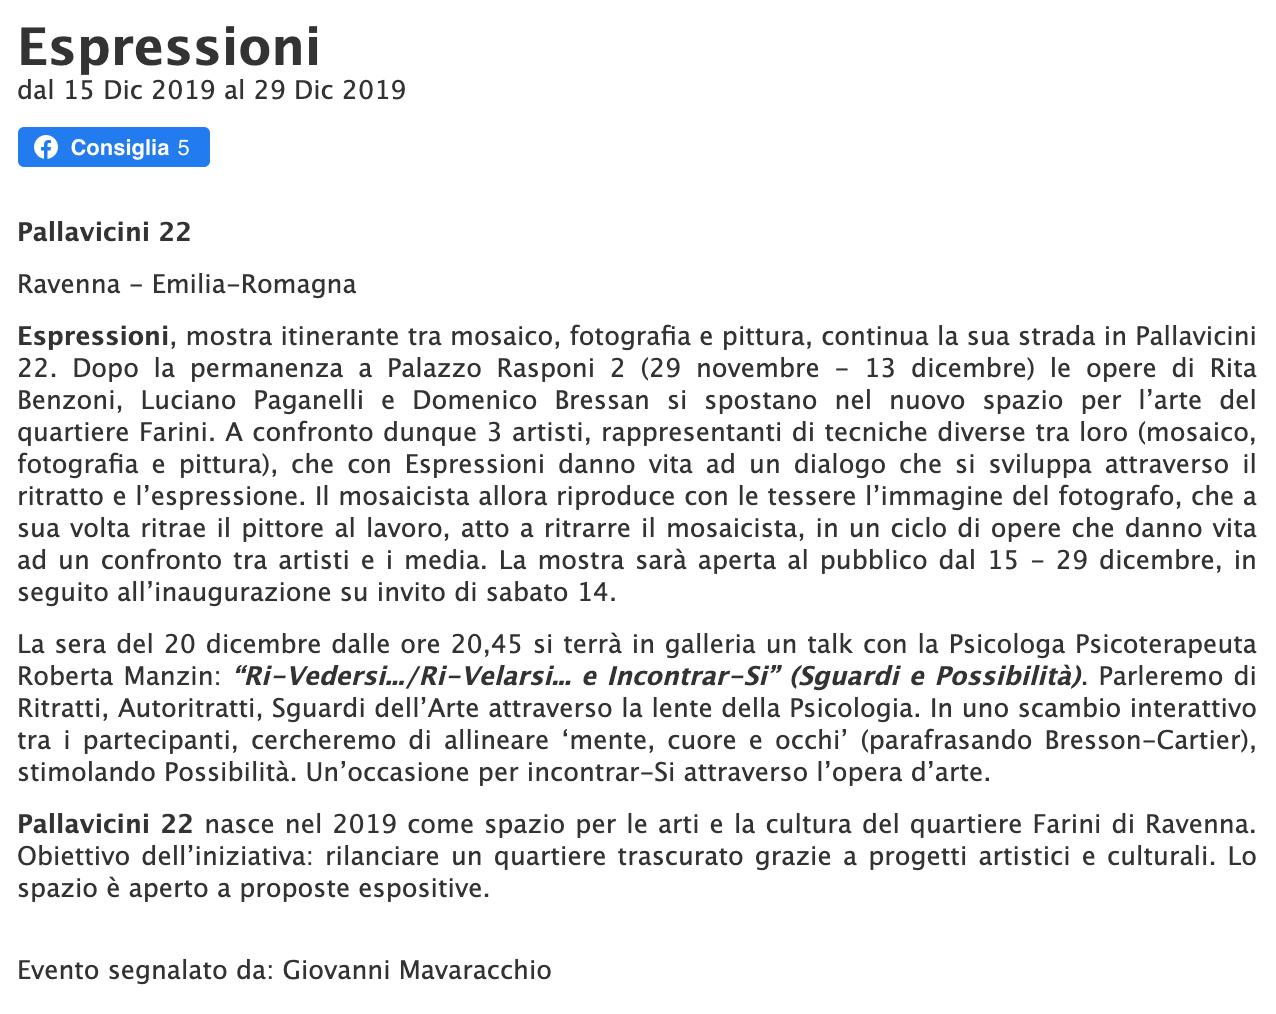 Espressioni su espressioneArte   Pallavicini22 spazio espositivo Ravenna